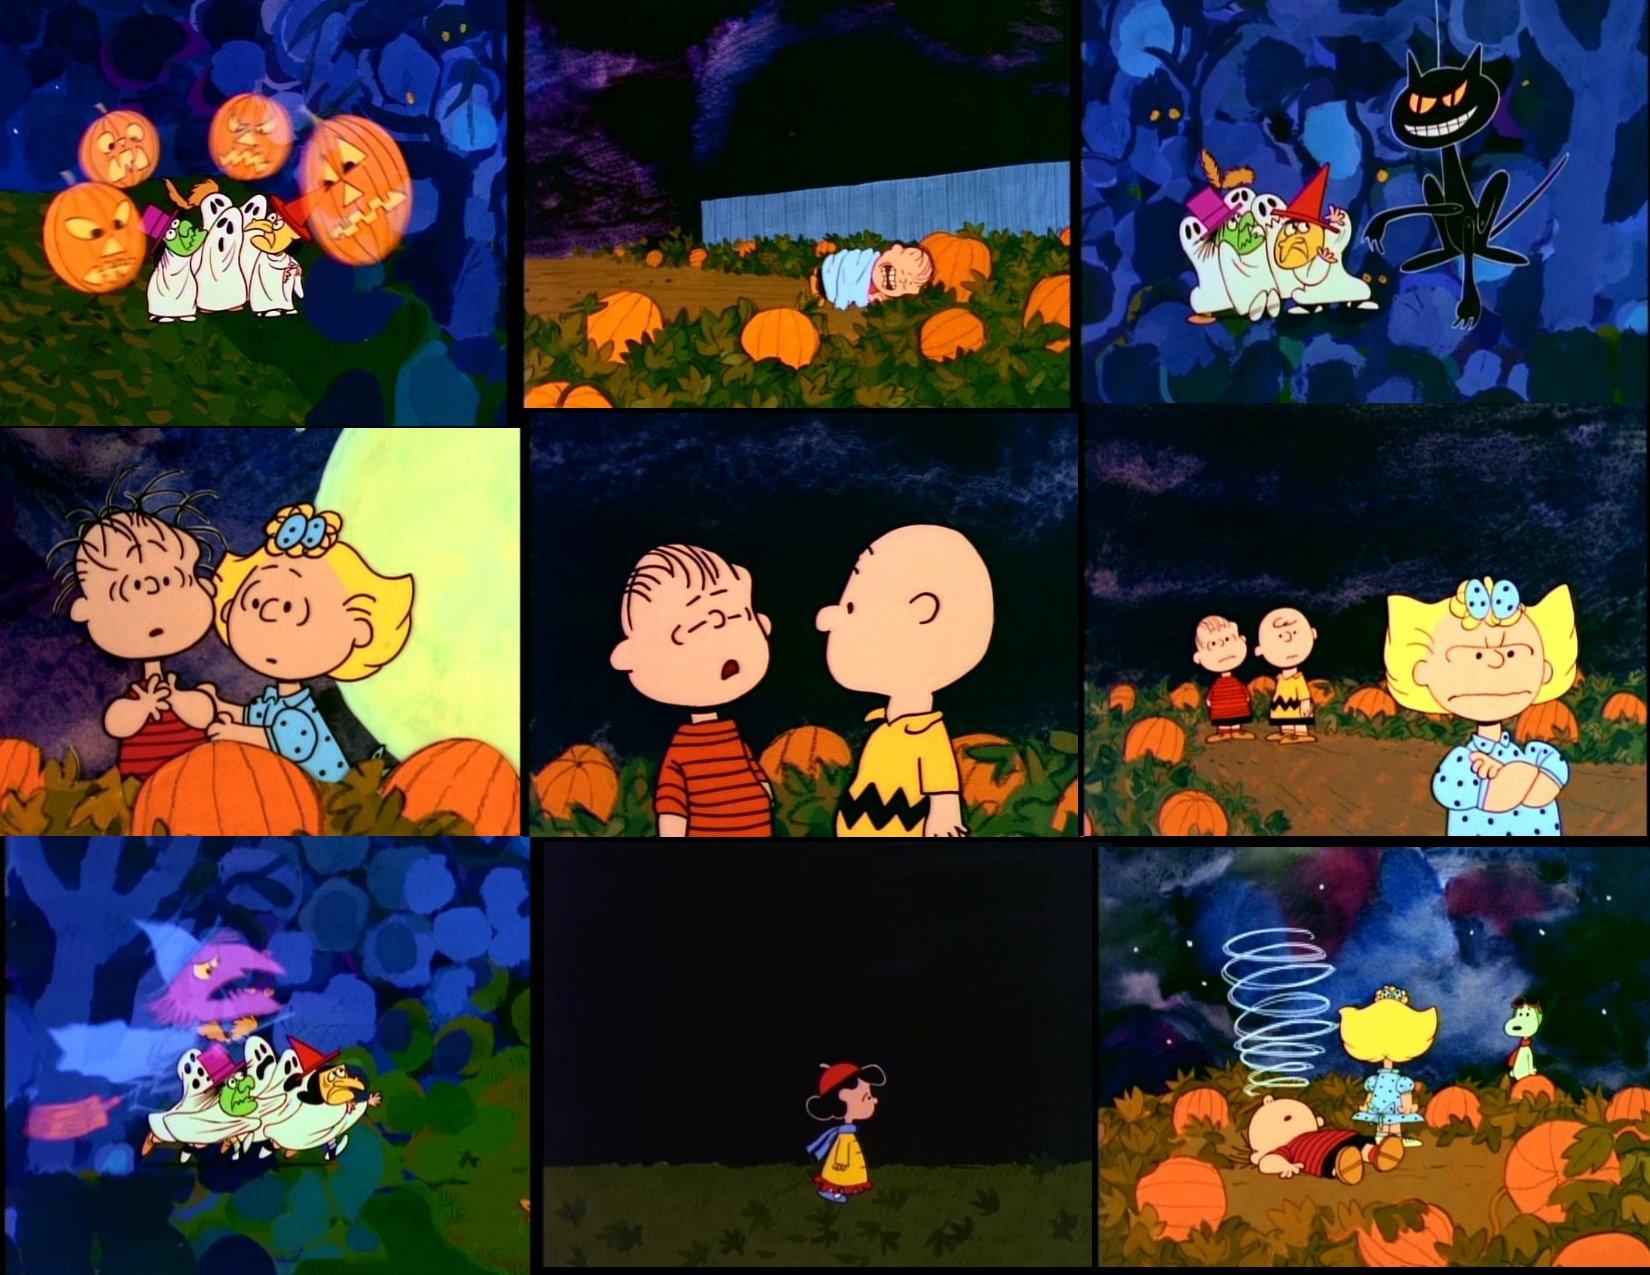 Wallpaper Charlie Brown Thanksgiving Wallpaper Halloween Screensavers 1650x1275